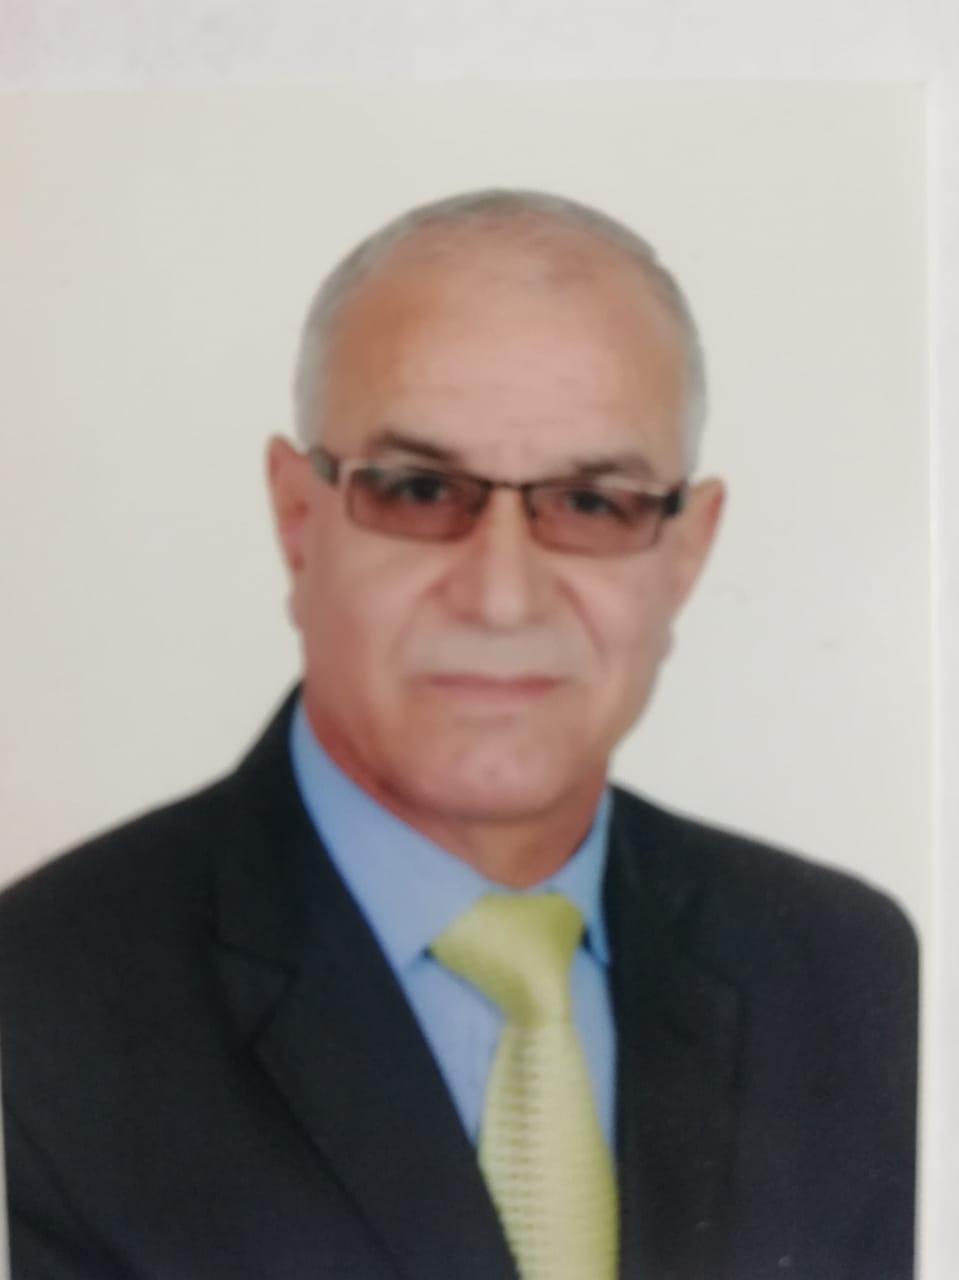 الدكتور قباجة يحصل على شهادة الخبير الضريبي  ..  مبارك